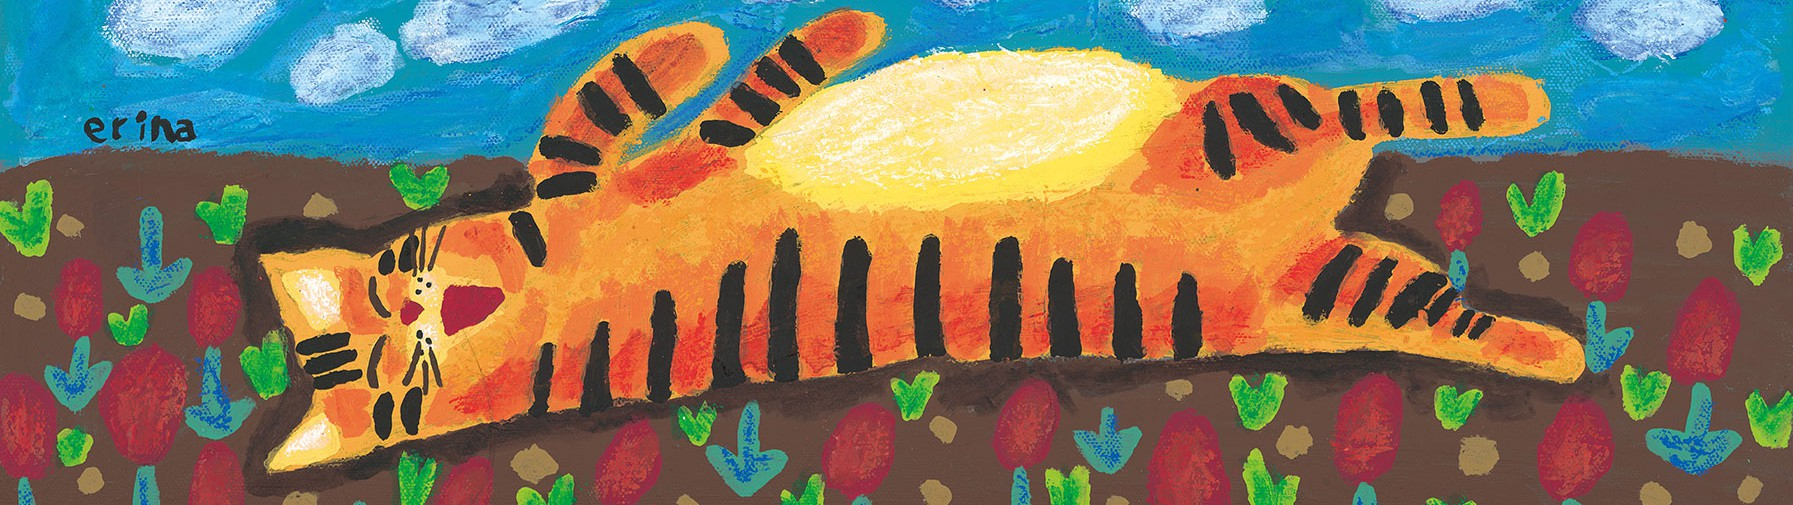 「猫の足あと」ギャラリー :: 山下絵理奈 猫の絵ギャラリー